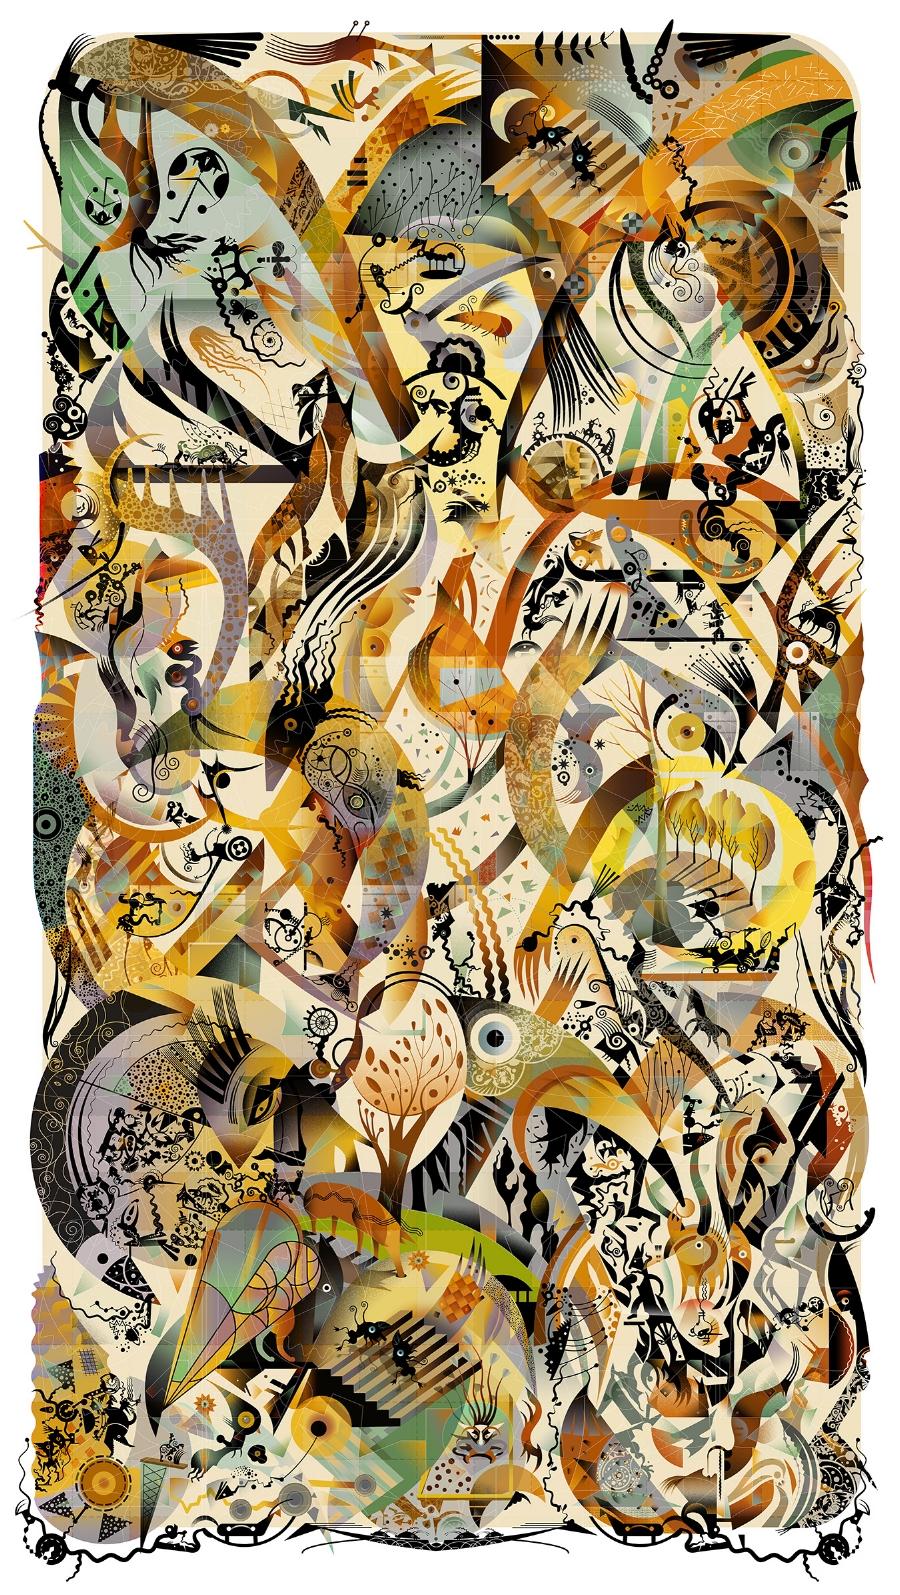 ART 27a.jpg